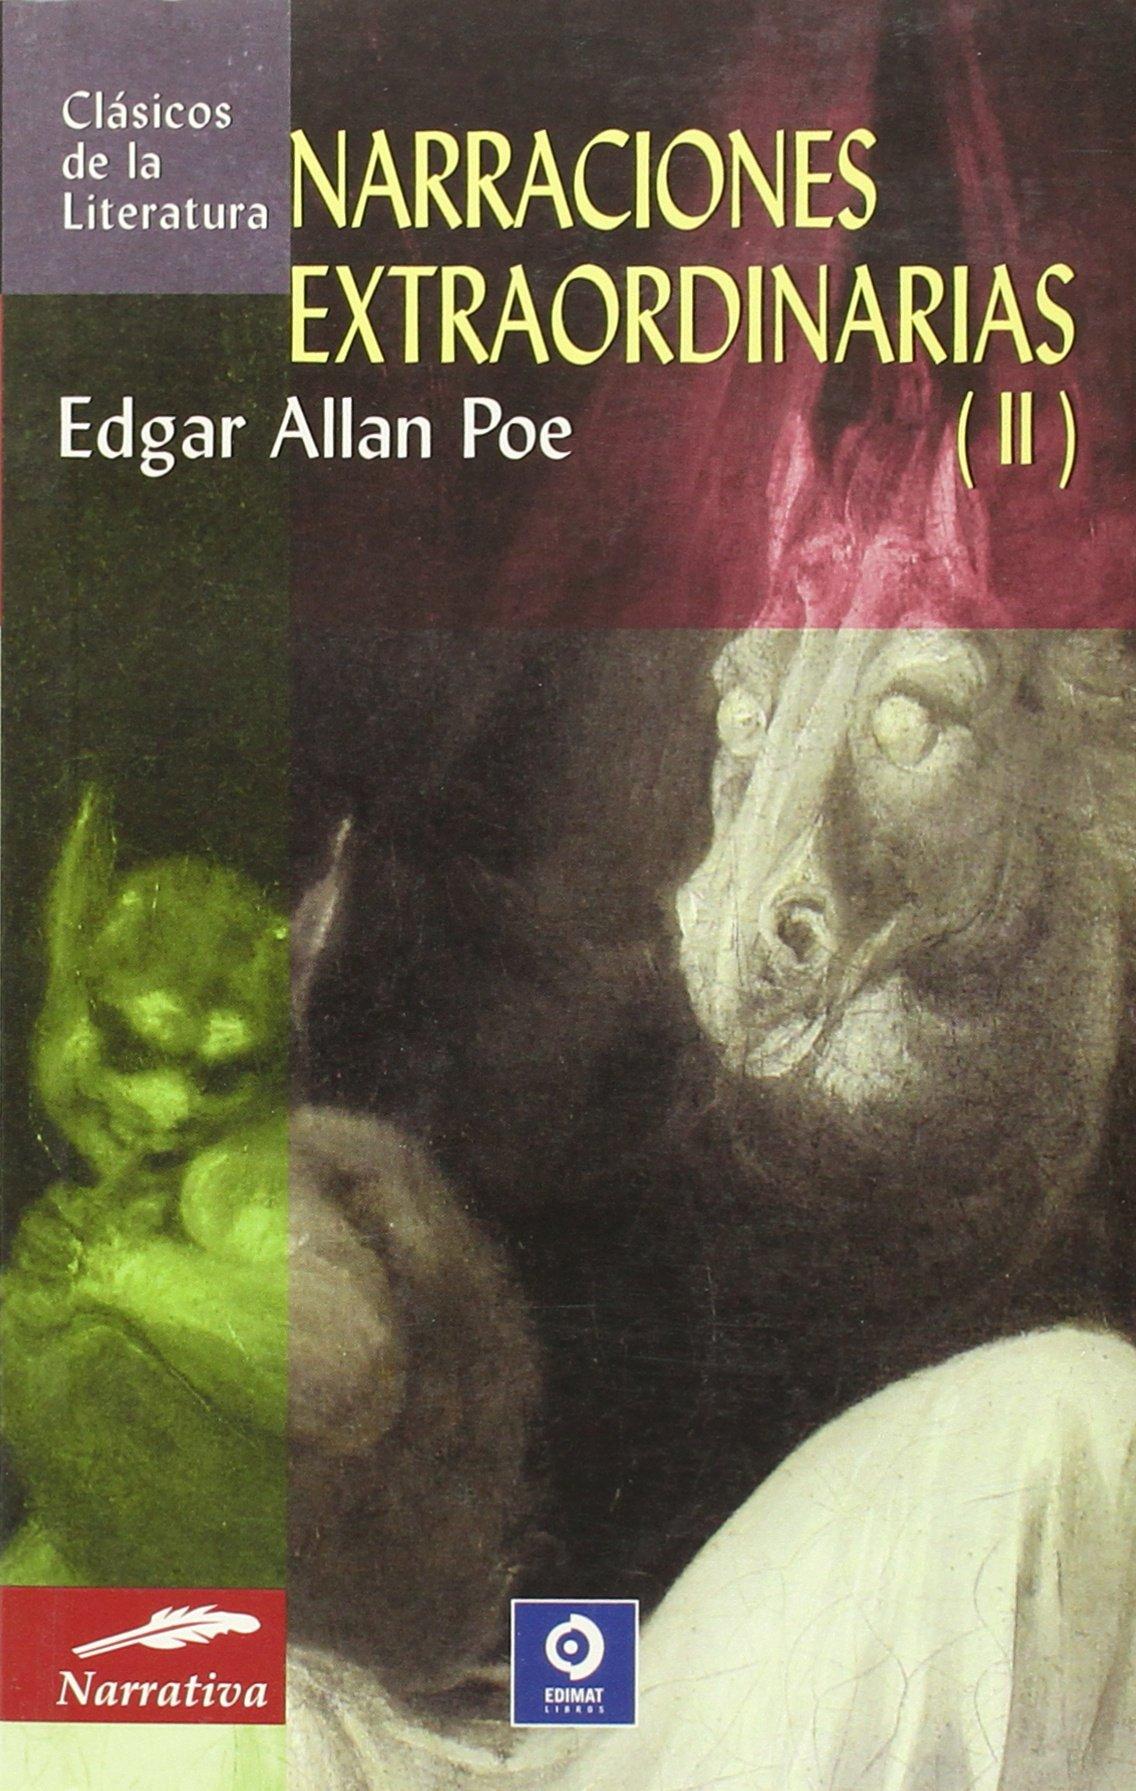 Download Narraciones extraordinarias (II) (Clásicos de la literatura series) (Spanish Edition) ebook